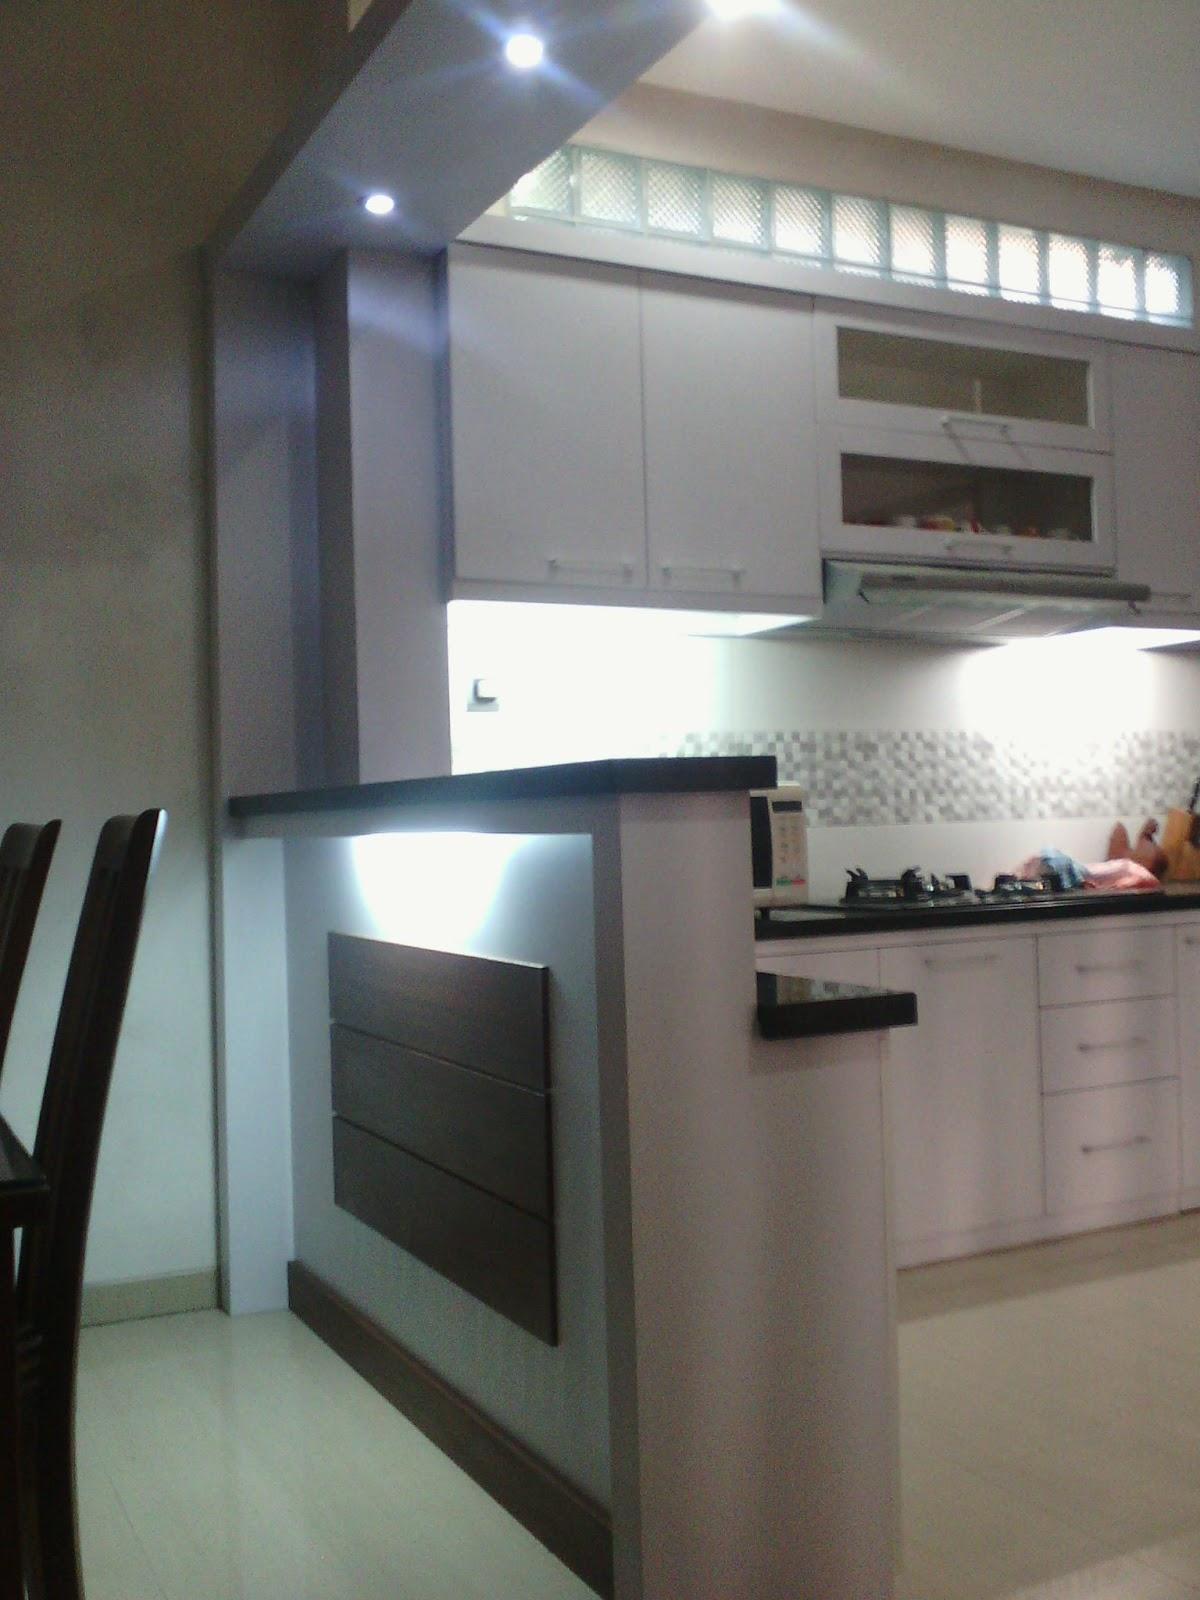 Masif interior furniture juli 2017 kitchen set informa jambi kota rumah tangga